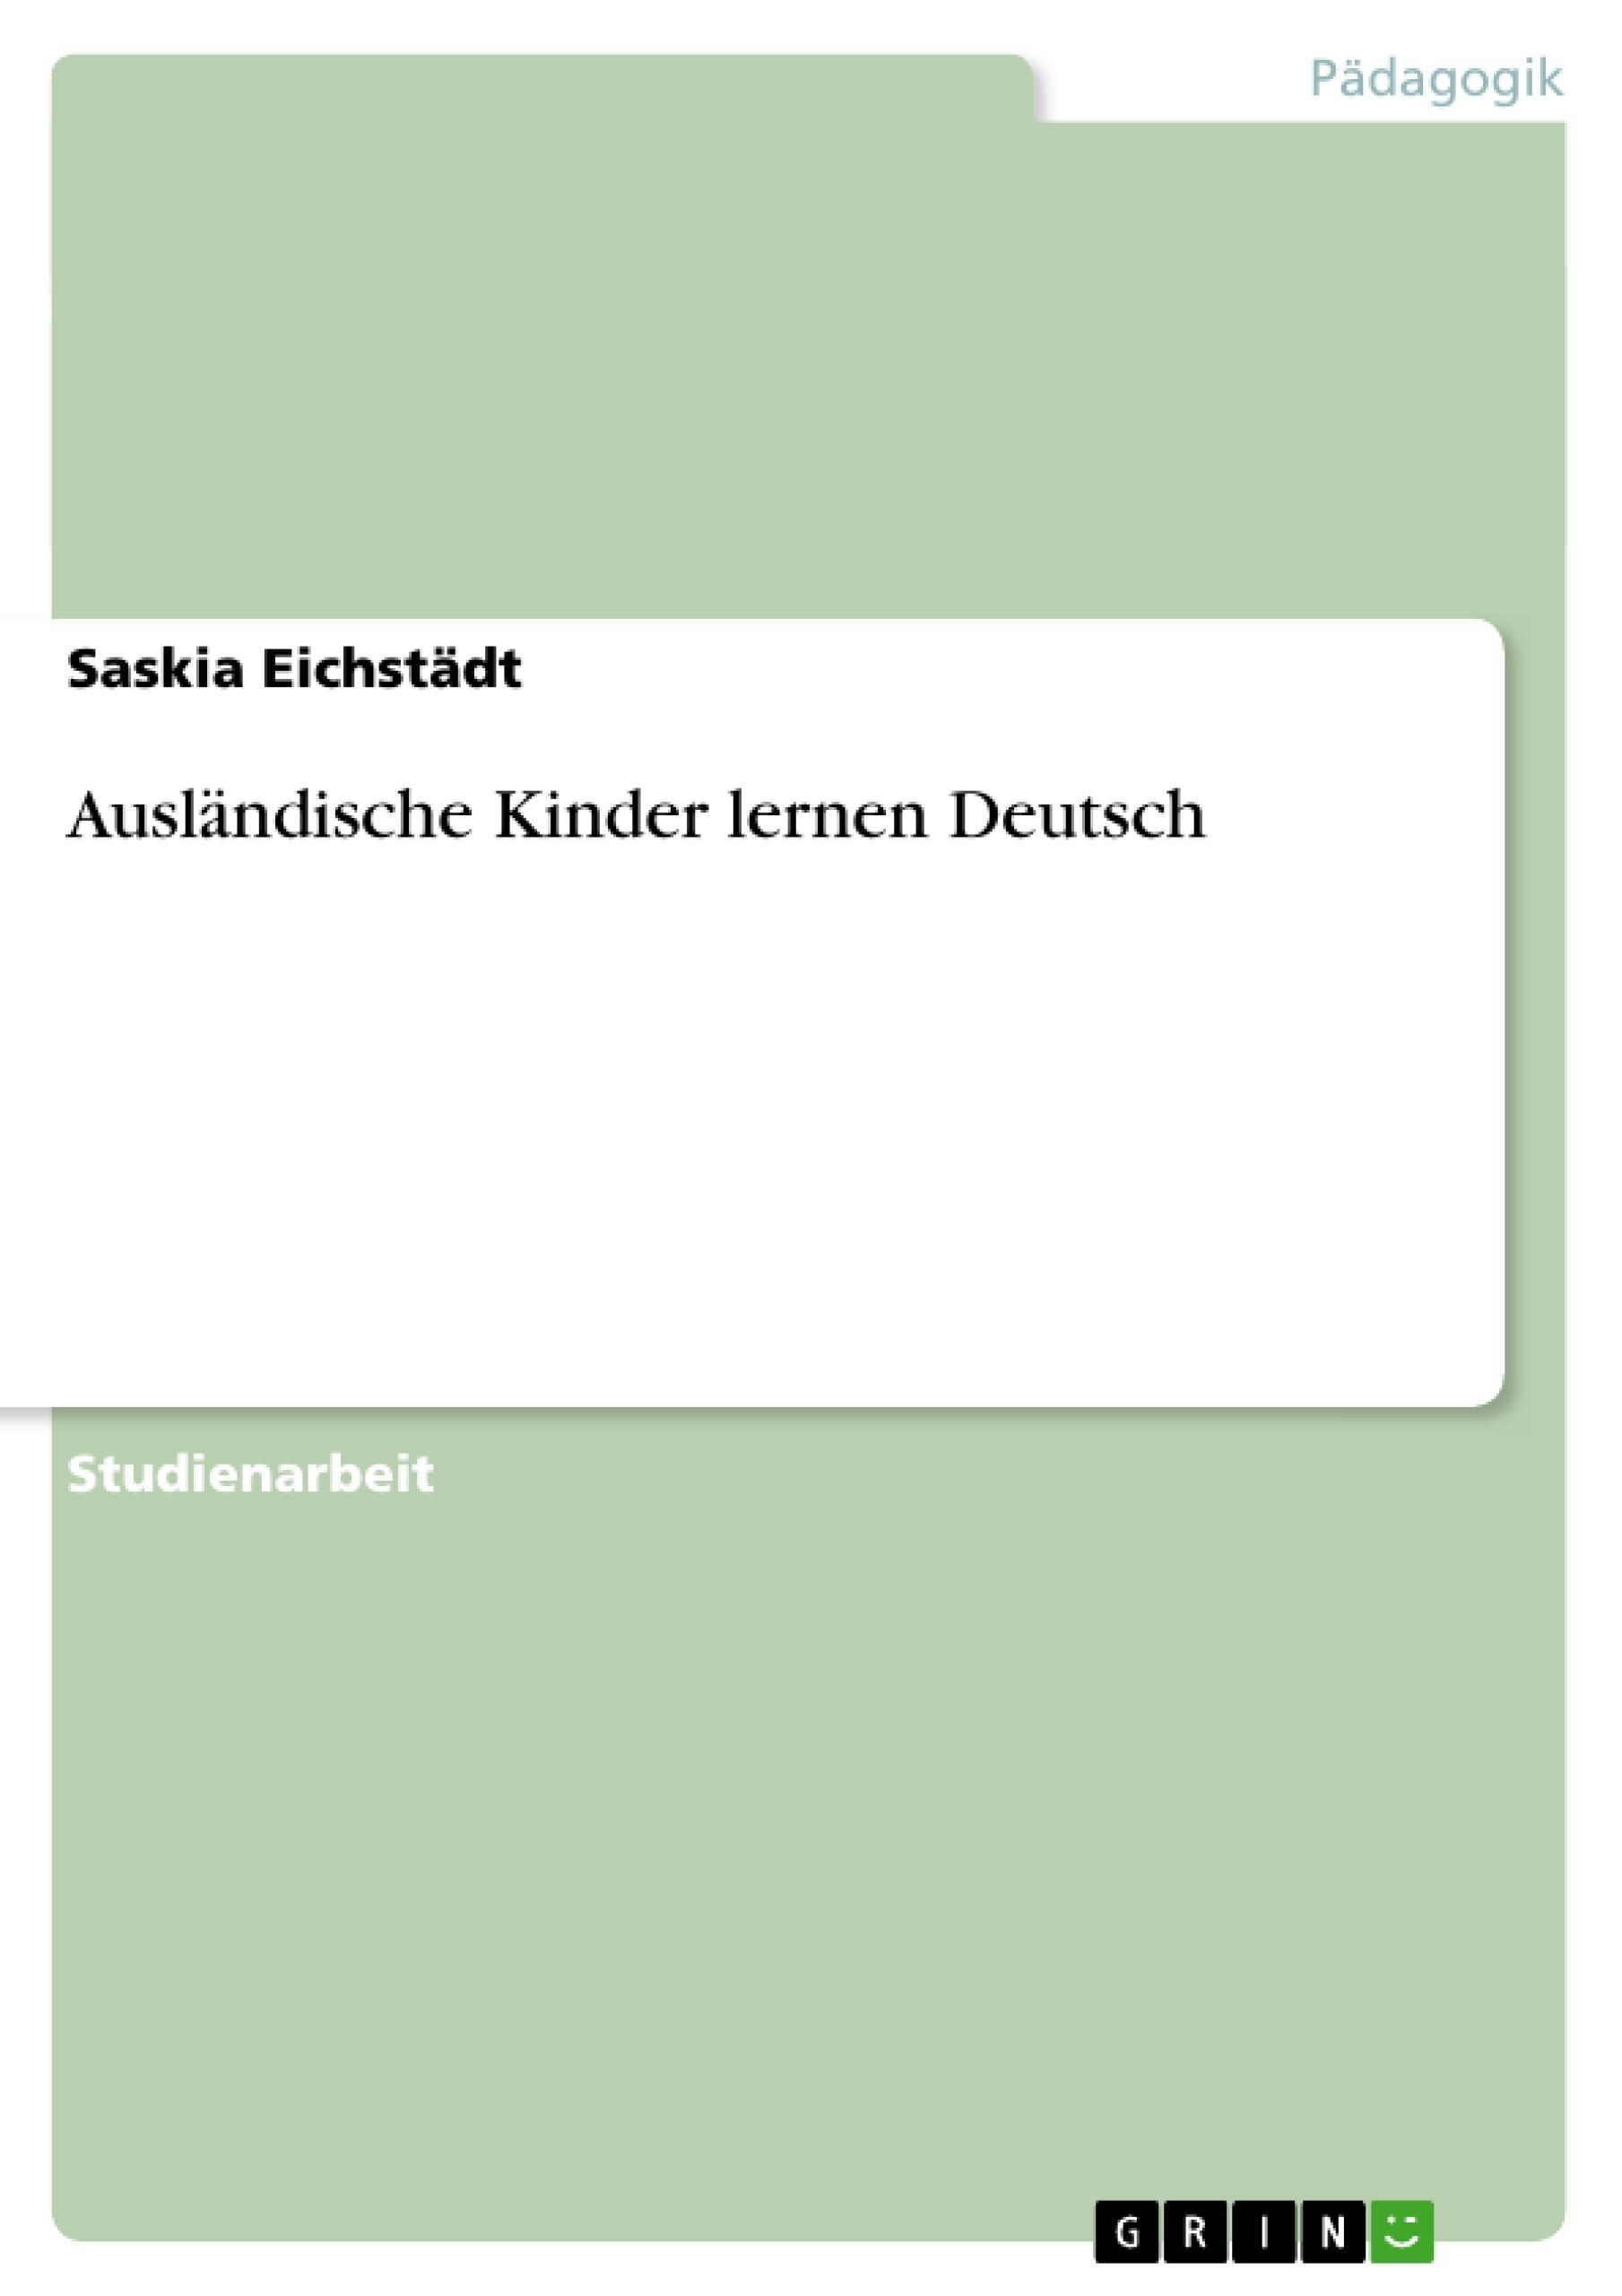 Titel: Ausländische Kinder lernen Deutsch